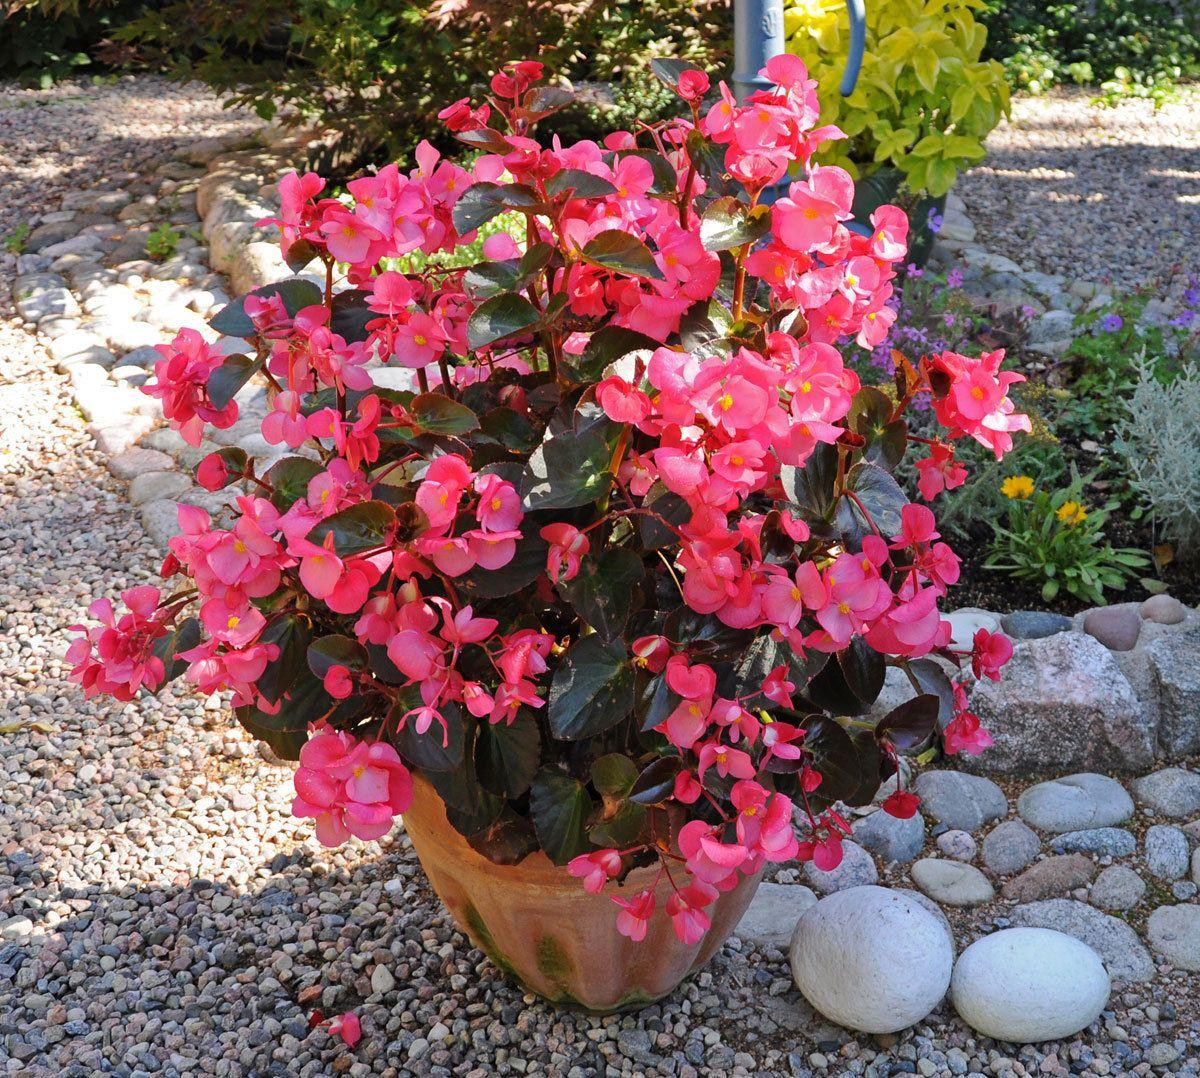 200 Begonia Big Rose Bronze Leaf Live Plants Plugs Garden Home Planters 296 Plants Begonia Live Plants